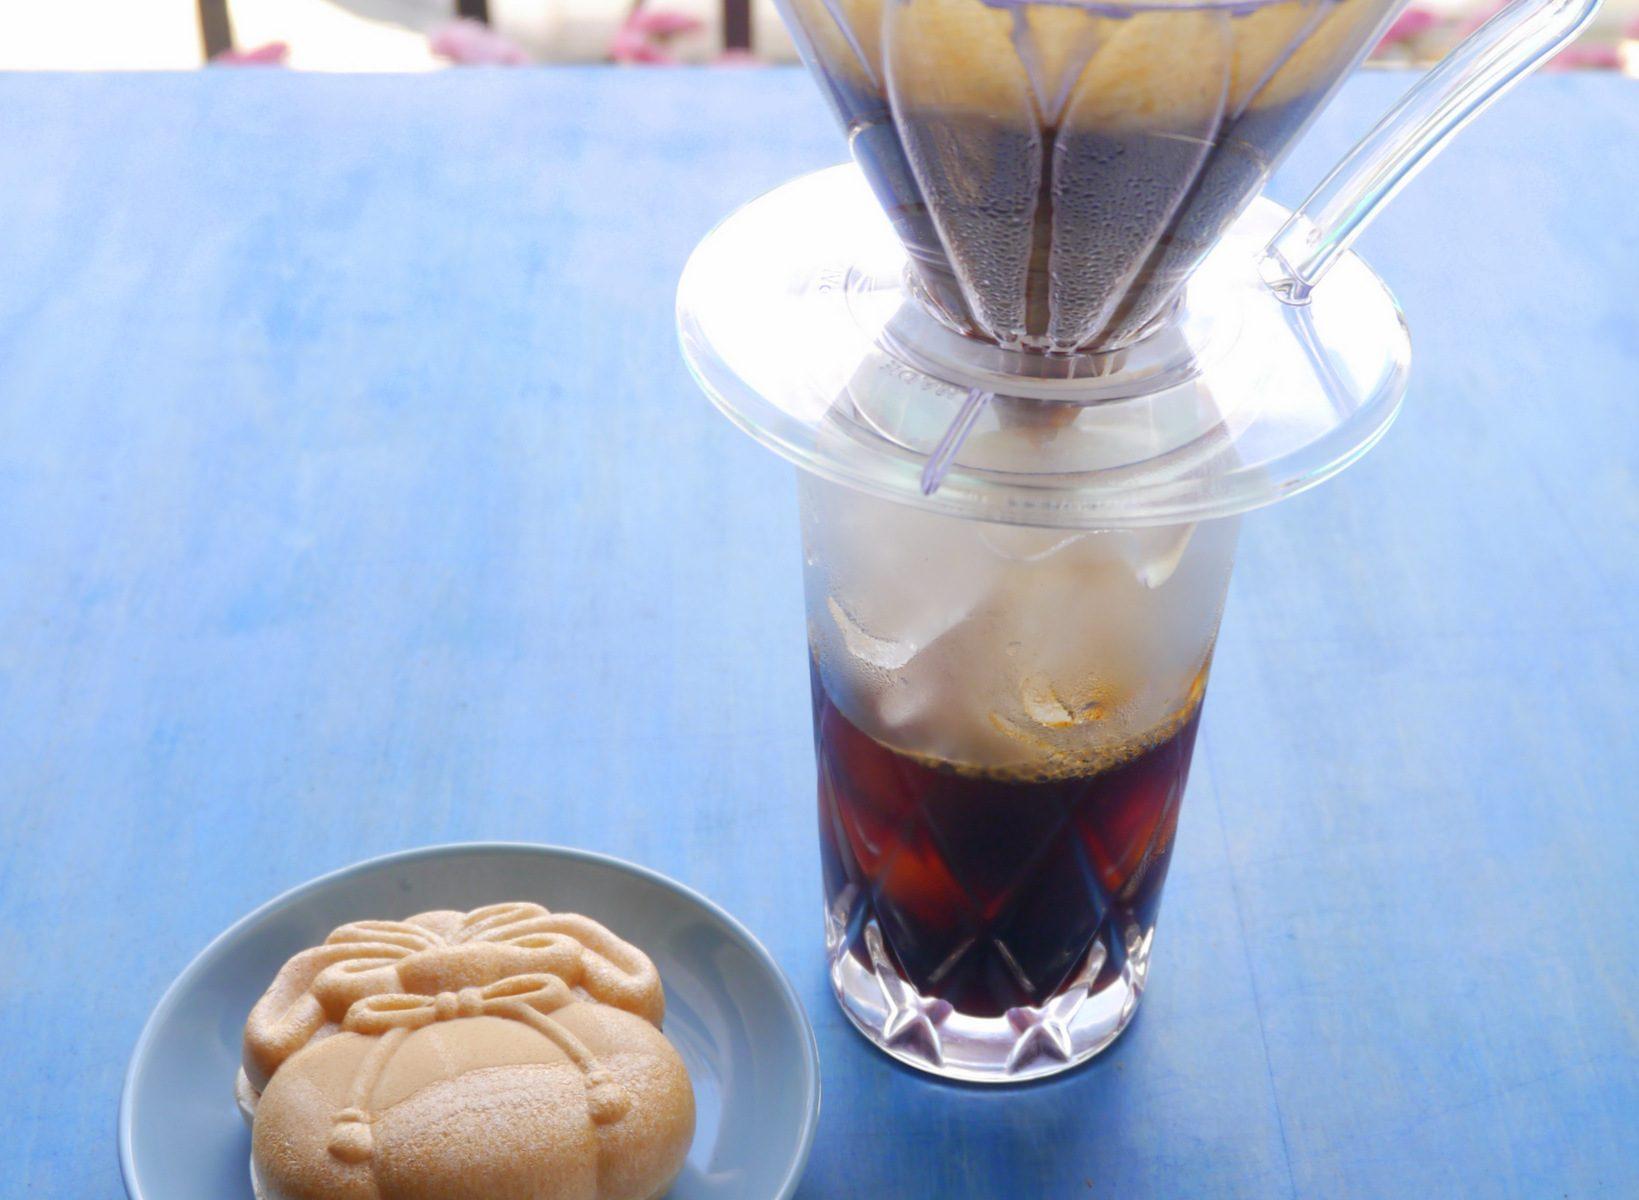 甘栄堂 さんの「福かすが」(つぶあん)とアイスコーヒー